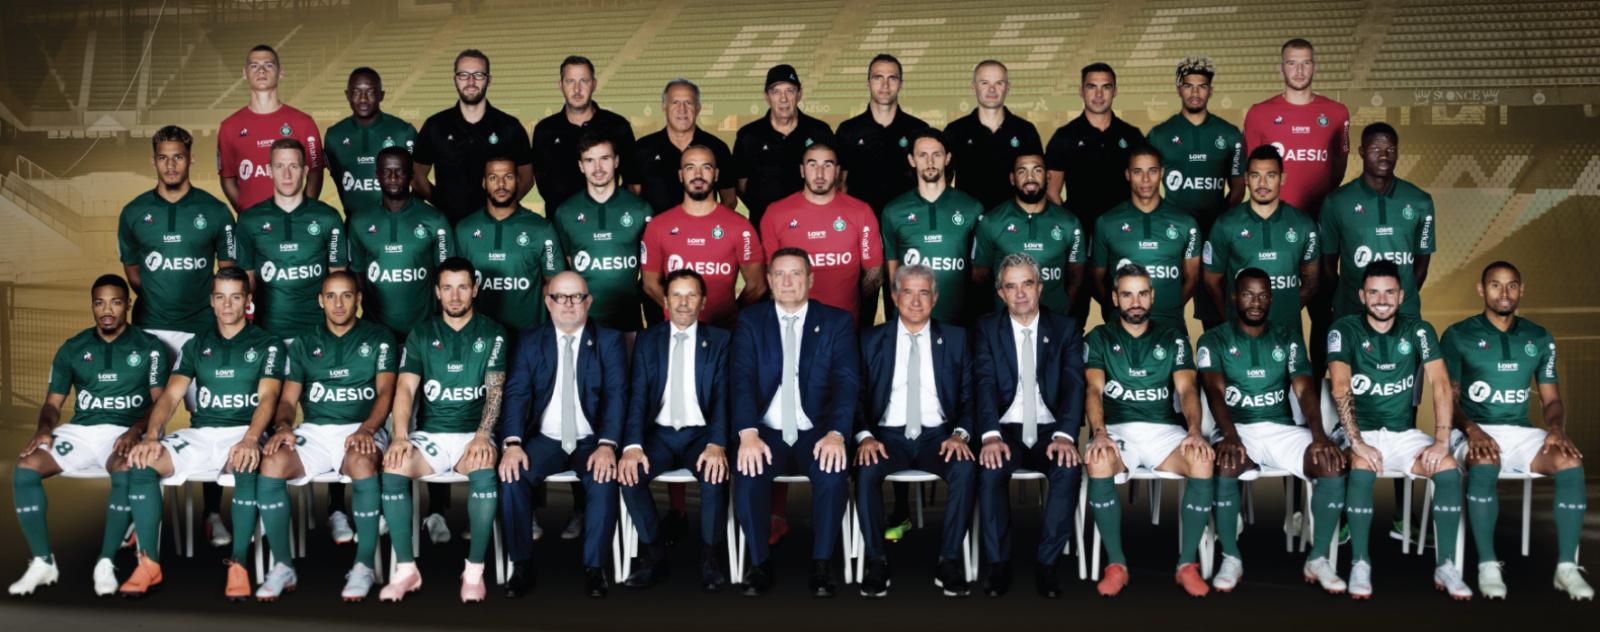 Photo de l'équipe de l'ASSE saison 2018-2019